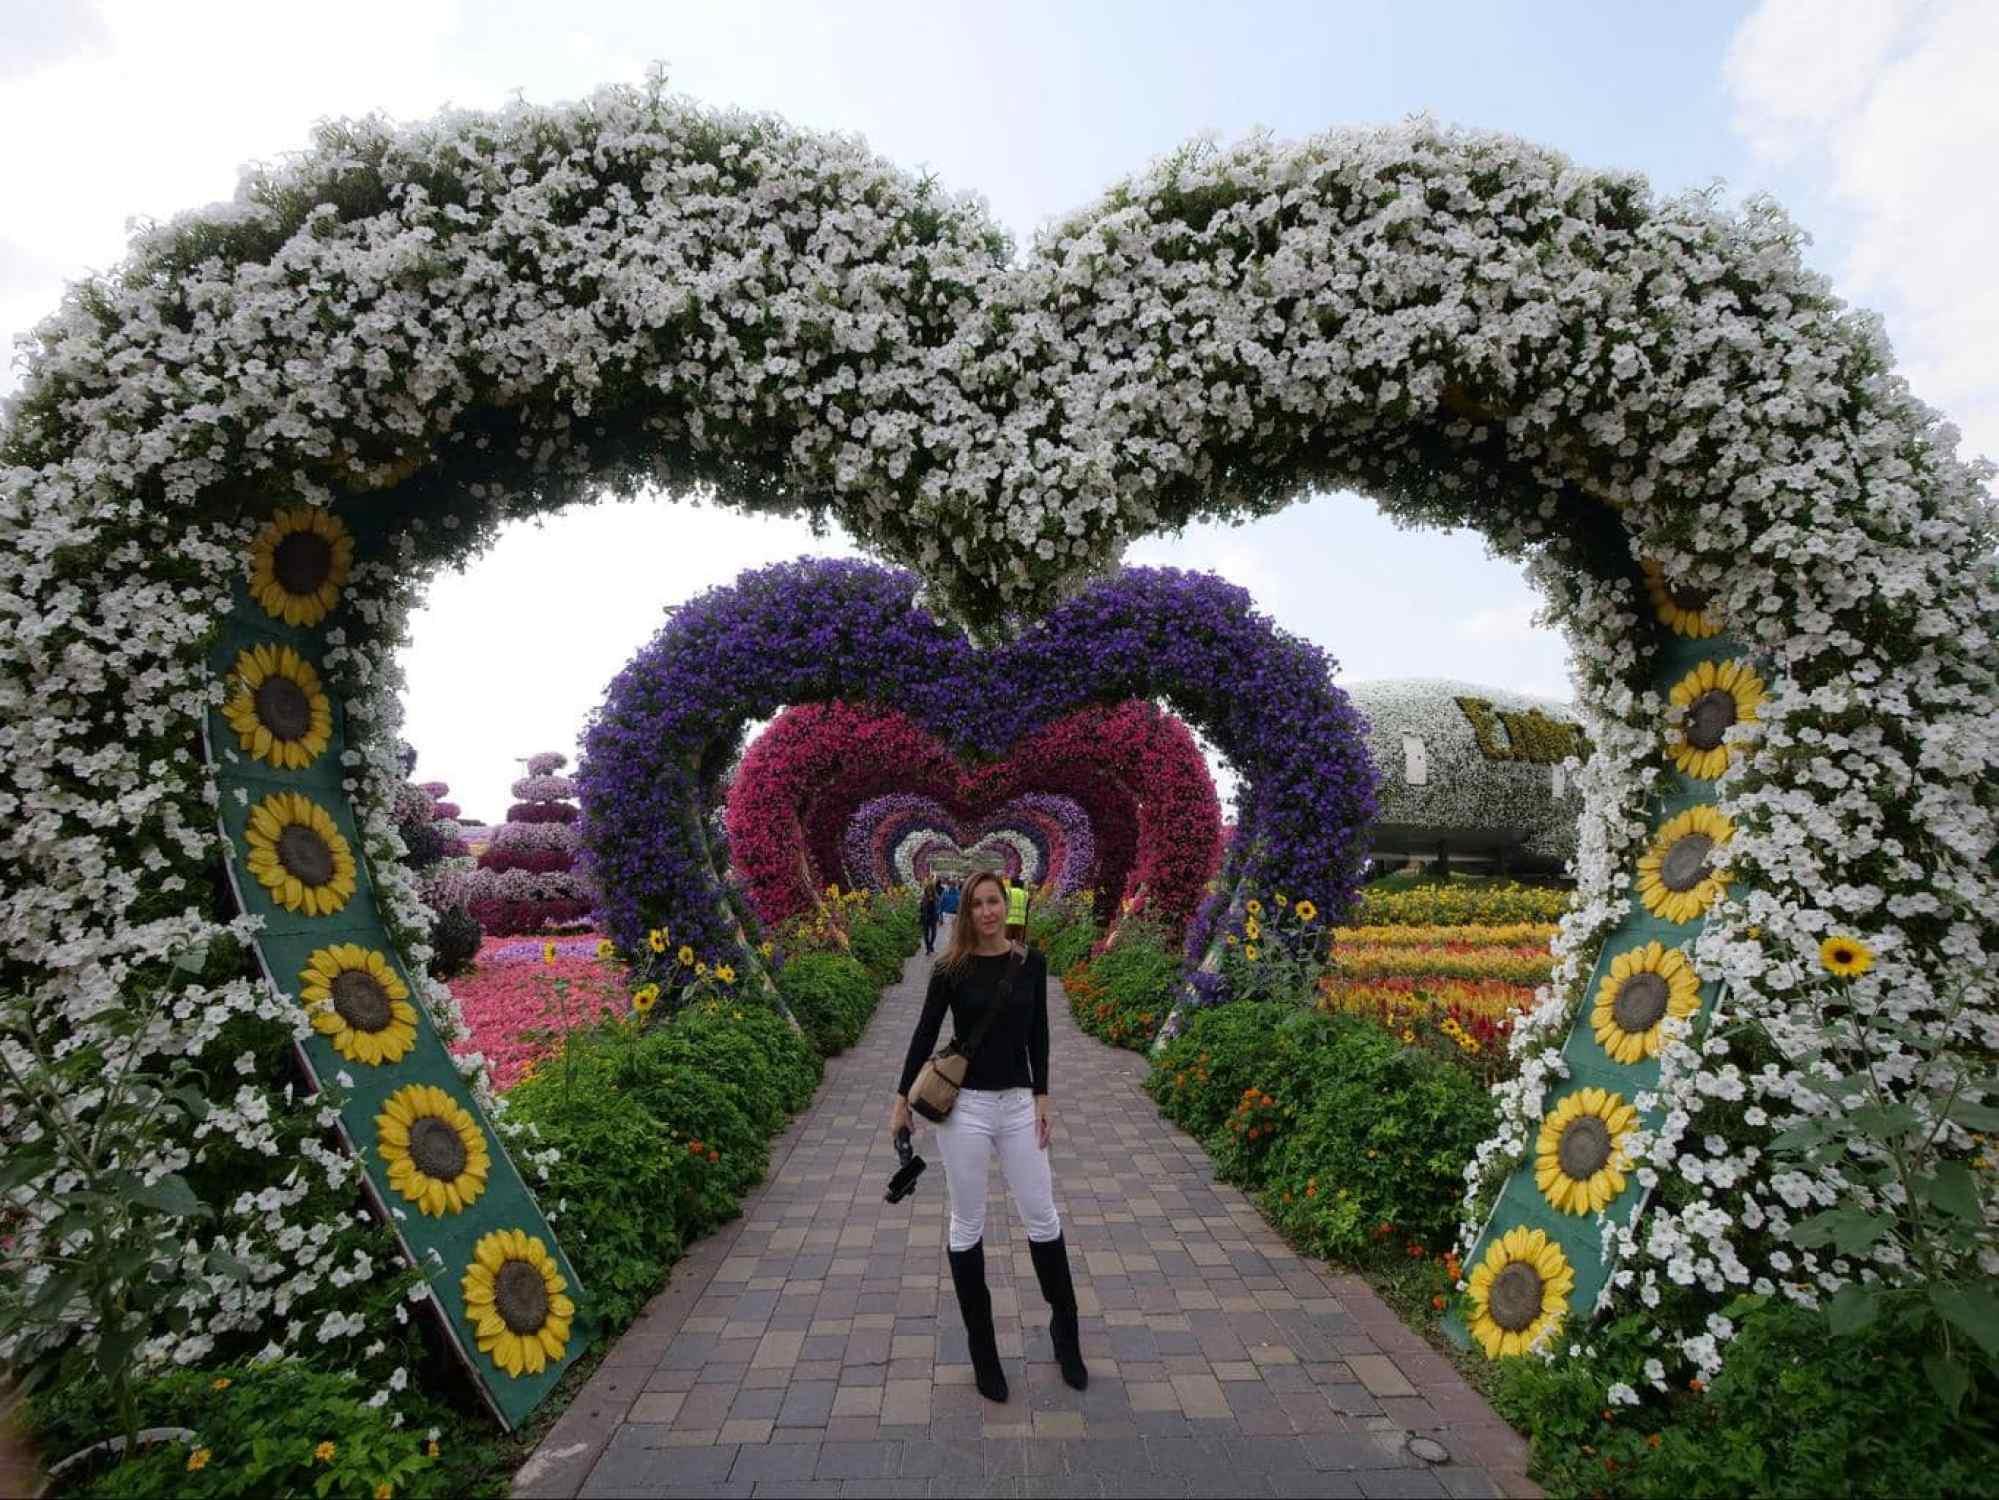 Dubai Miracle Garden flowers